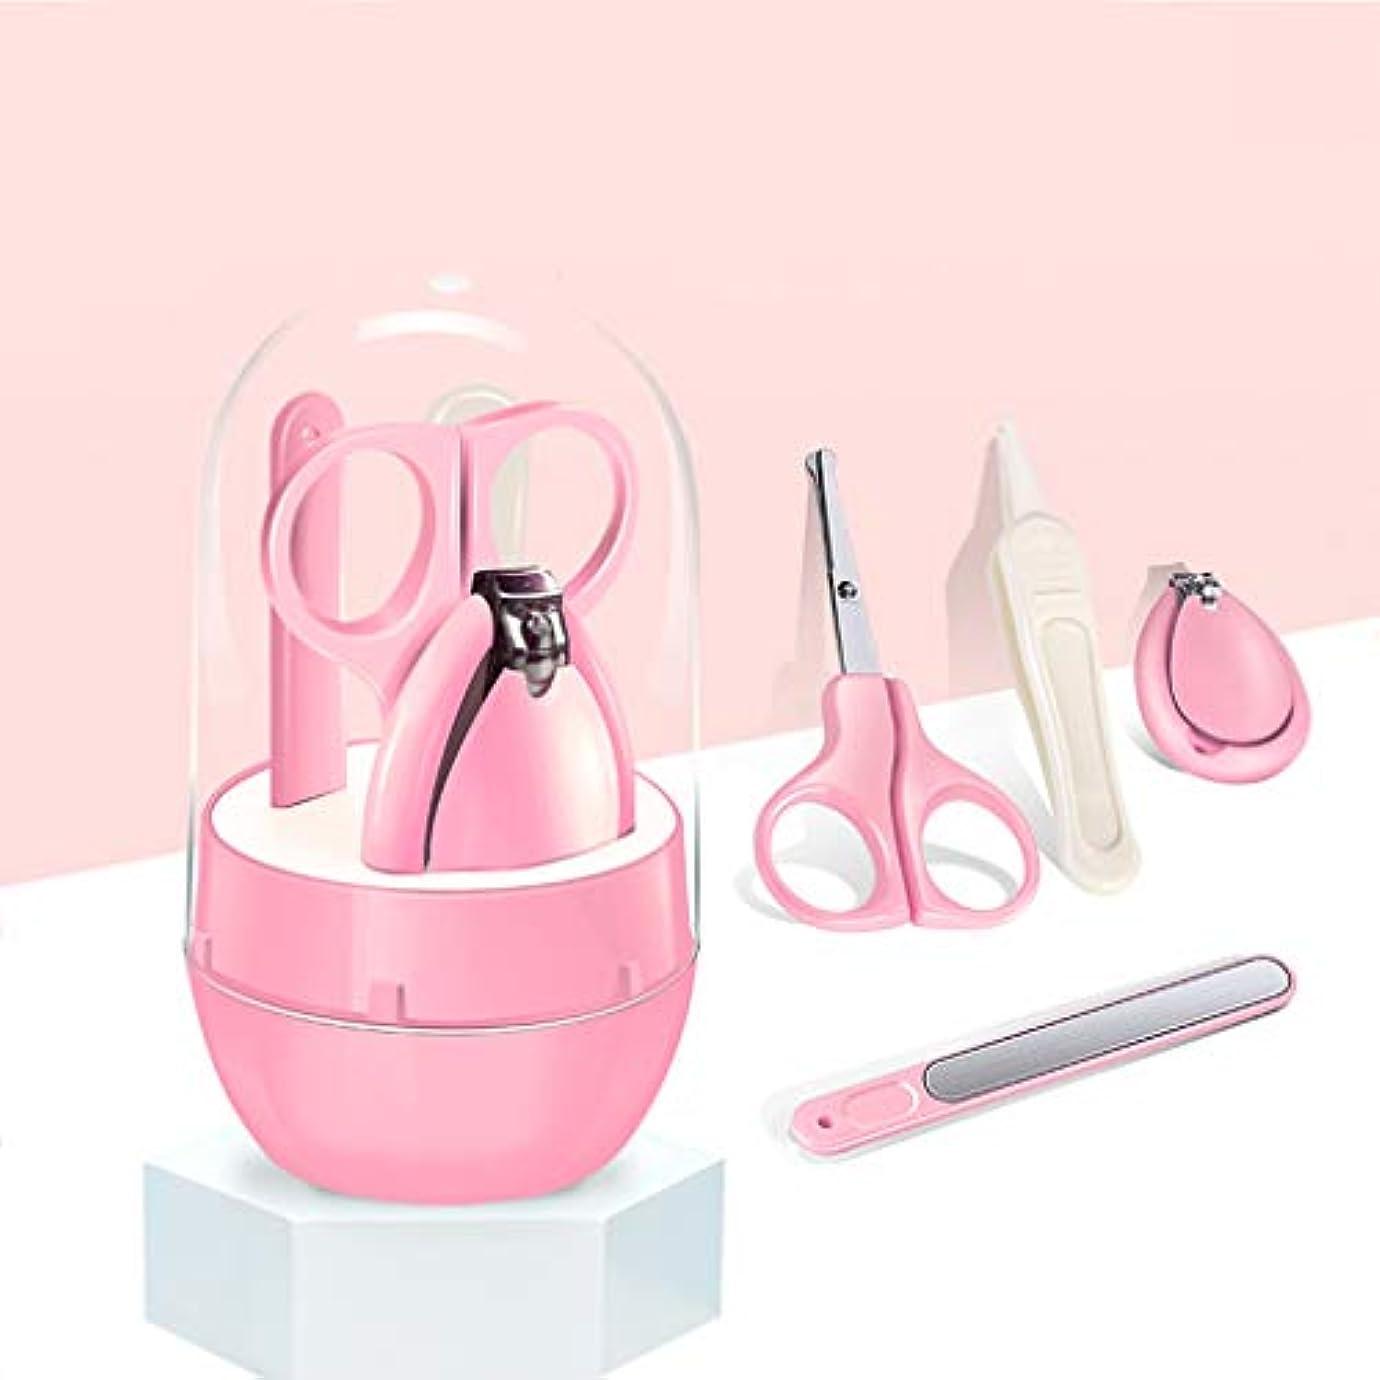 アトラス解釈する重要な赤ん坊の釘セット、4つのステンレス鋼の心配セットのセットの反肉の爪切りの安全および環境保護,Pink